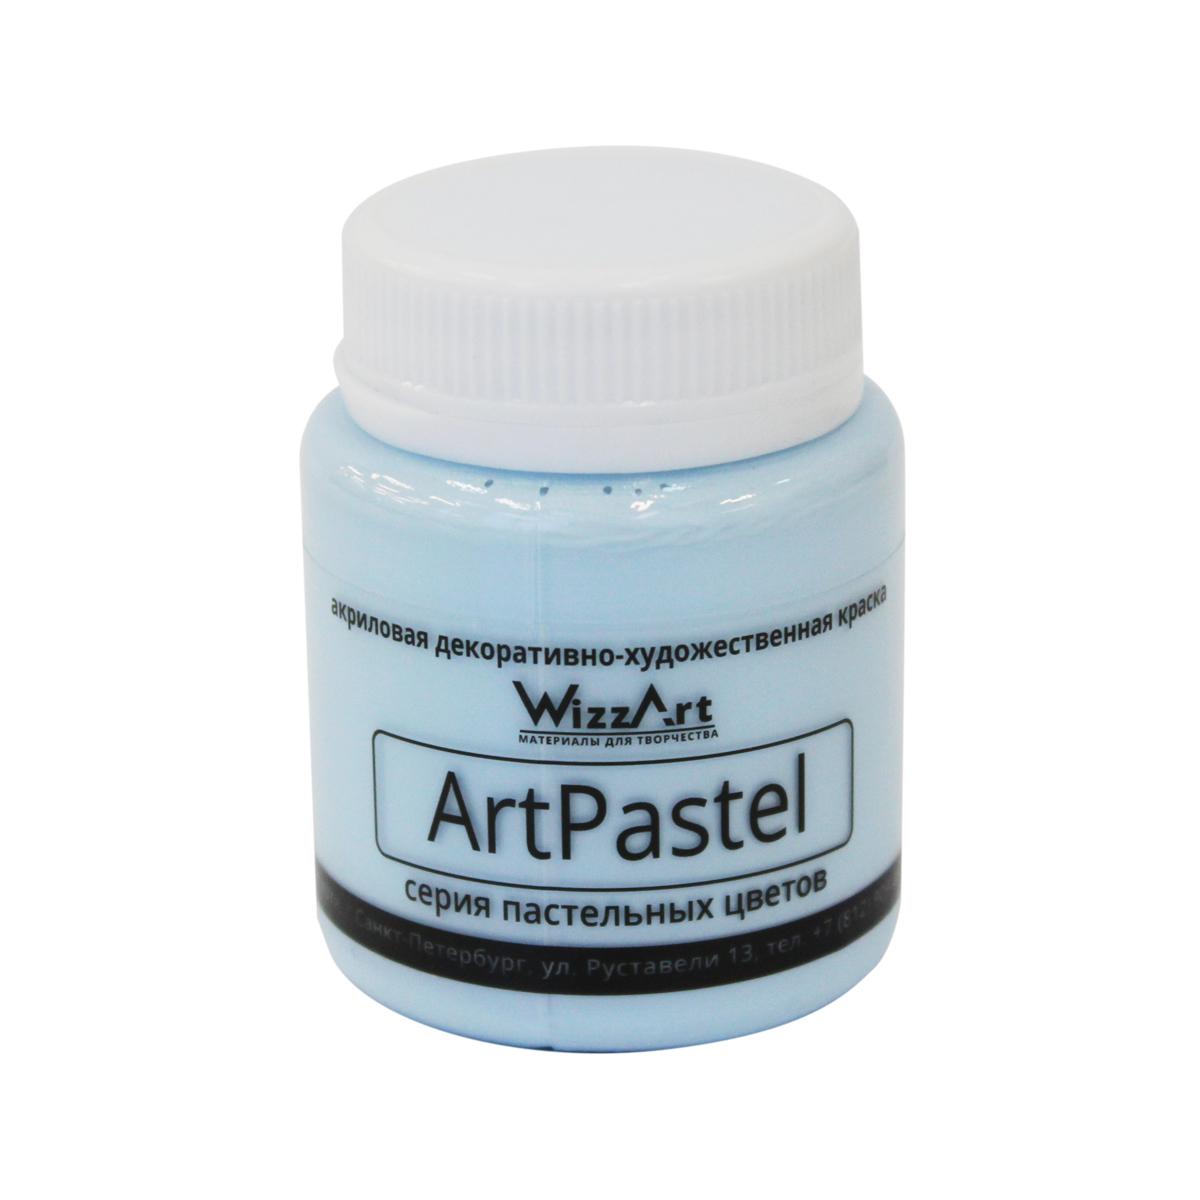 Краска акриловая WizzArt ArtPastel, цвет: бледно-голубой, 80 млFS-00261Серия пастельных оттенков декоративно-художественных акриловых красок от компании WizzArt называется ArtPastel и прекрасно дополняет ассортимент красок этой фирмы. Богатая гамма легких и нежных оттенков дает широкие возможности для воплощения творческих замыслов художников и рукодельниц. Все тона отлично сочетаются между собой. Эти акриловые краски ложатся ровно и приятны в работе, имеют прочное сцепление с поверхностью, не меняют цвет под воздействием внешней среды и не выгорают на свету. Для наилучшего сцепления твердые поверхности необходимо обезжирить, перед тем как покрыть их краской. Краски WizzArt подходят для декоративных работ на всевозможных поверхностях, как гладких, так и пористых. Отличное качество продукции непременно оценят поклонницы различных видов творчества, в которых нужно работать с красками. Пастельные акриловые краски ArtPastel не имеют резкого запаха, не выделяют вредных веществ, после высыхания приобретают устойчивость к воздействию влаги.Объем: 80 мл.Товар сертифицирован.